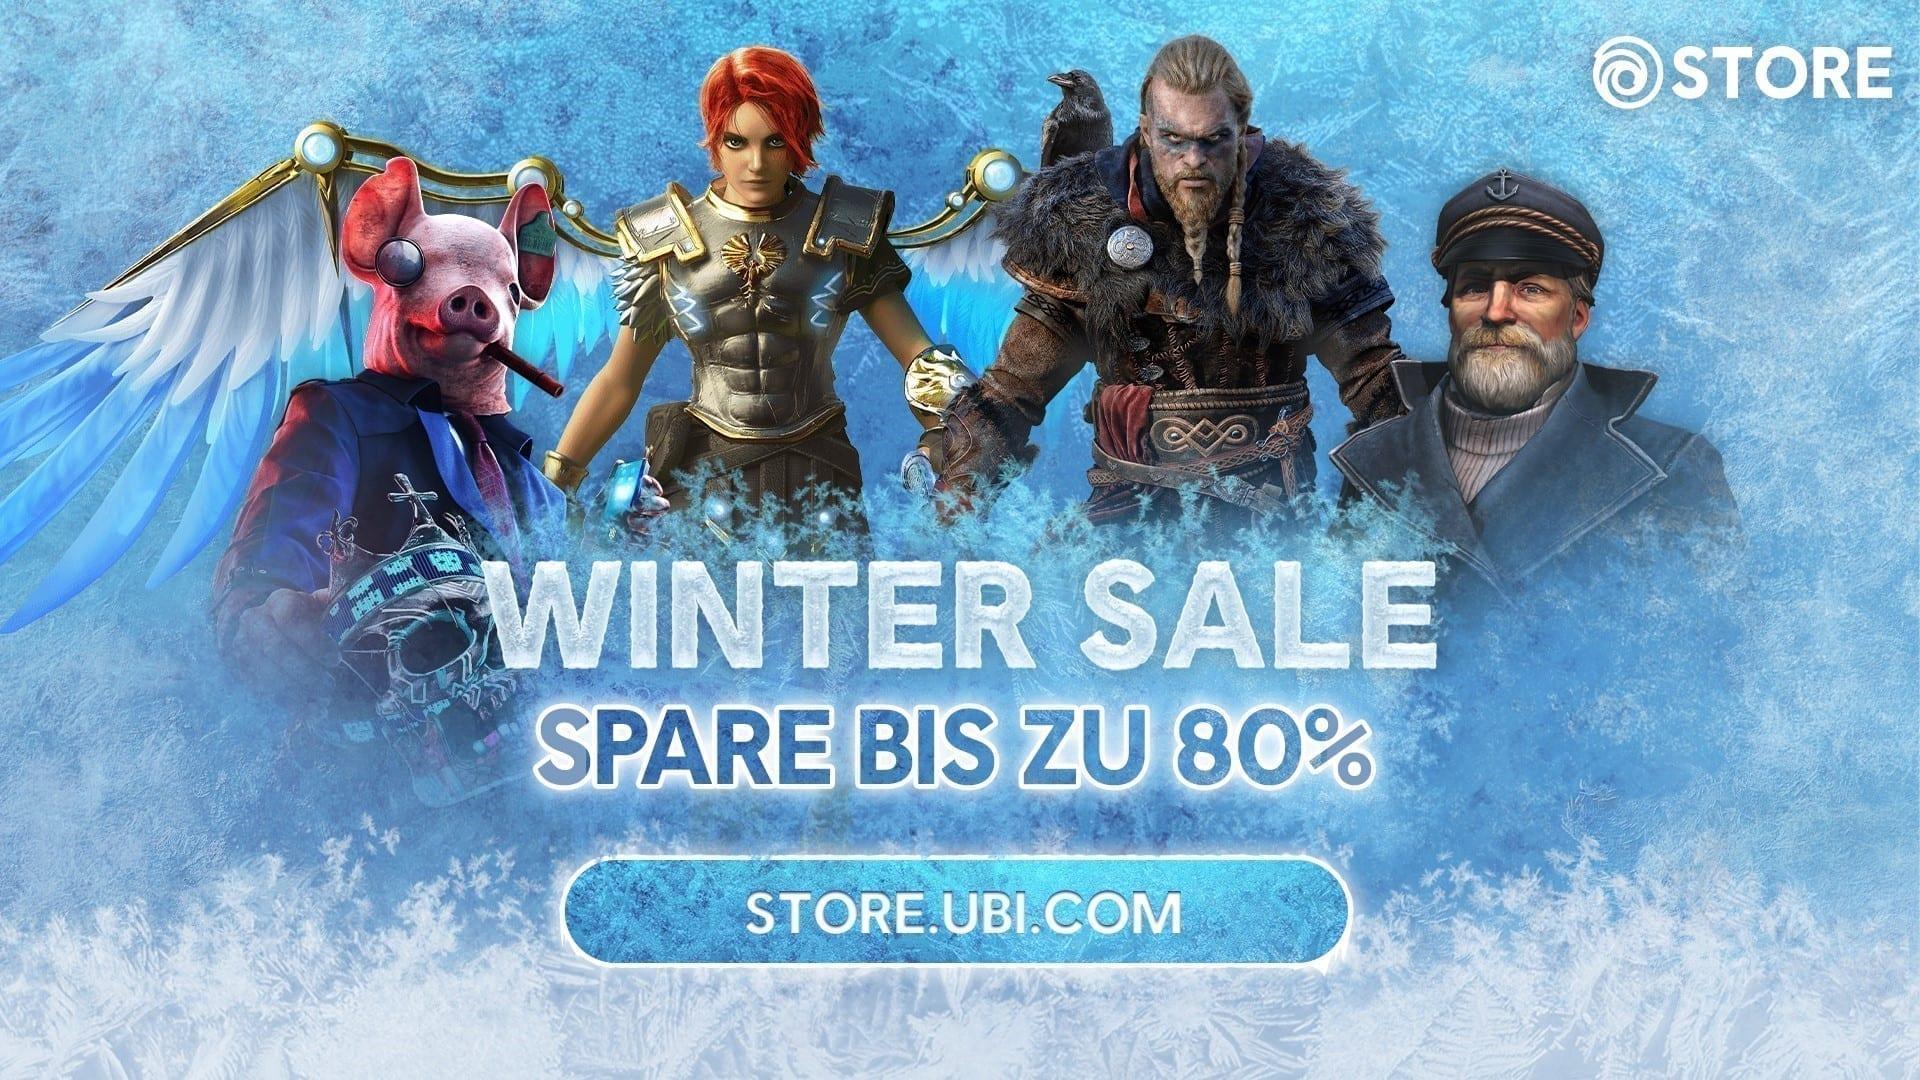 Ubisoft Store Winter Sale Screenshot bewirbt einen Rabatt von 80%